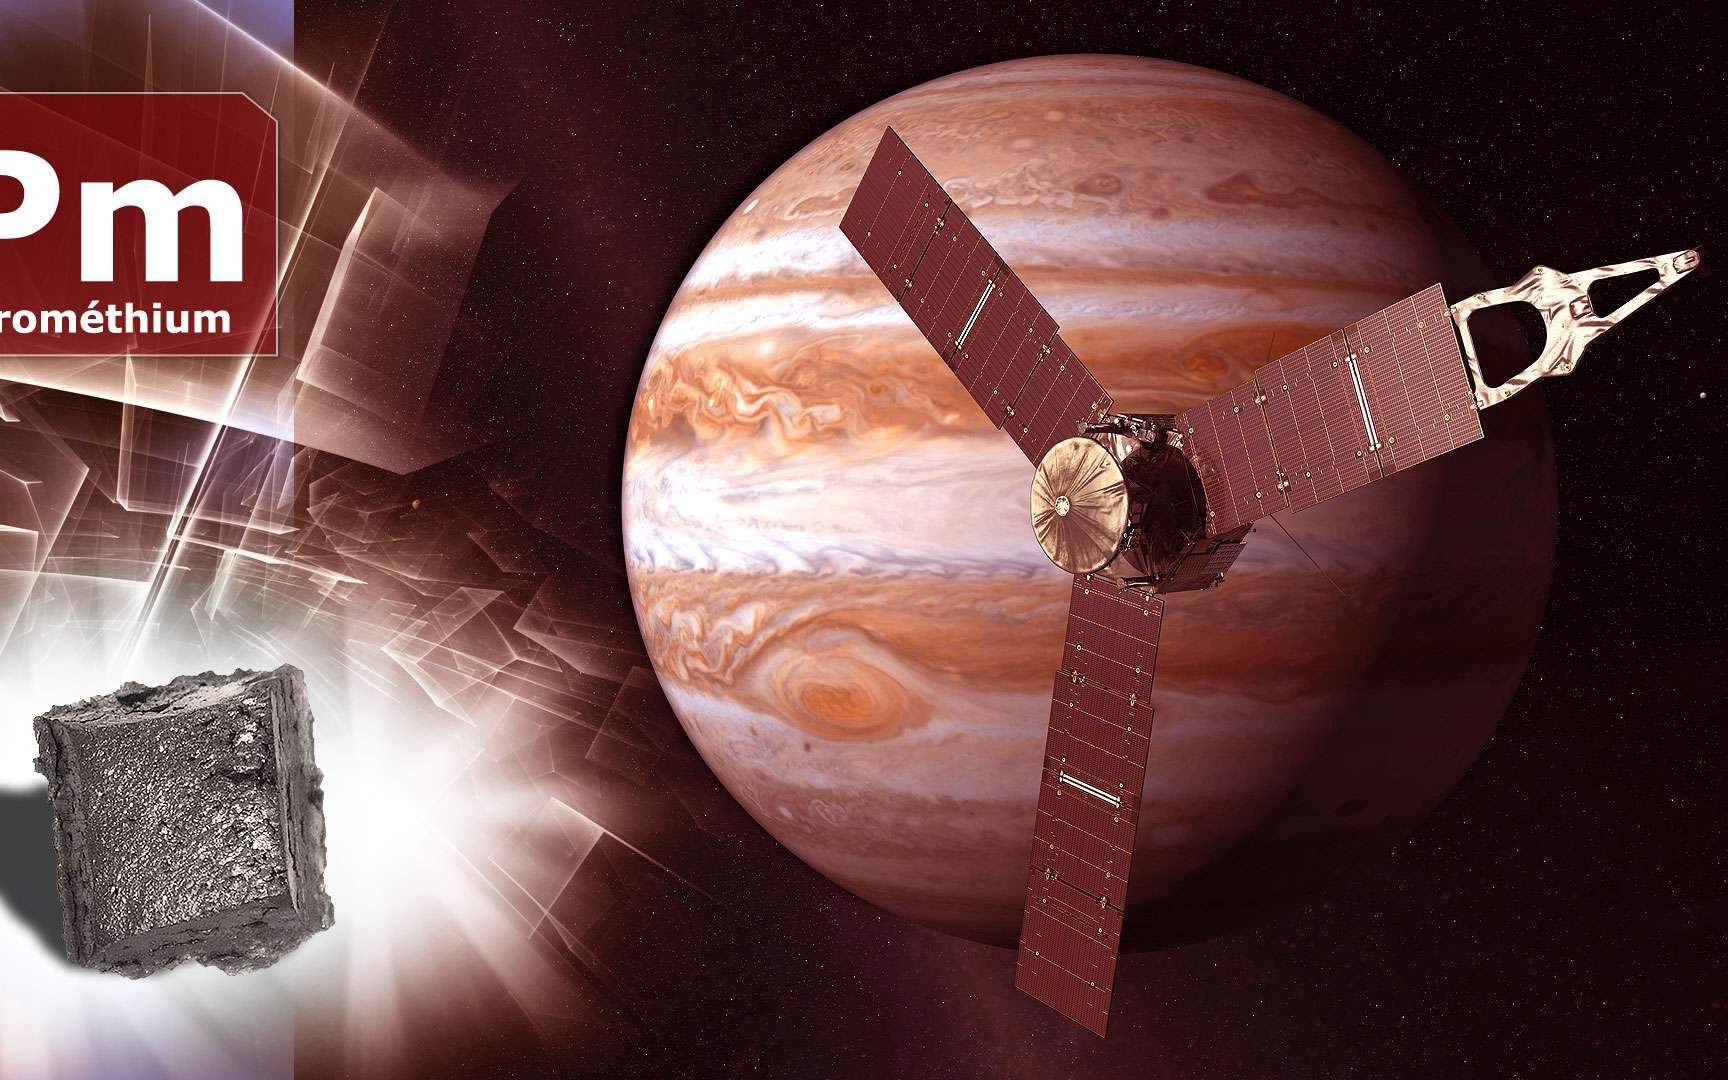 Le prométhium, un sous-produit de la fission de l'uranium. Le prométhium (Pm) est un lanthanide. Il doit son nom à Prométhée, titan de la mythologie grecque ayant volé le feu aux dieux. Il est récupéré comme sous-produit de fission de l'uranium. Son utilisation est envisagée dans l'aérospatiale comme source de chaleur et d'électricité. Sur l'image, la sonde Juno près de Jupiter.© DR et Nasa-JPL, DP